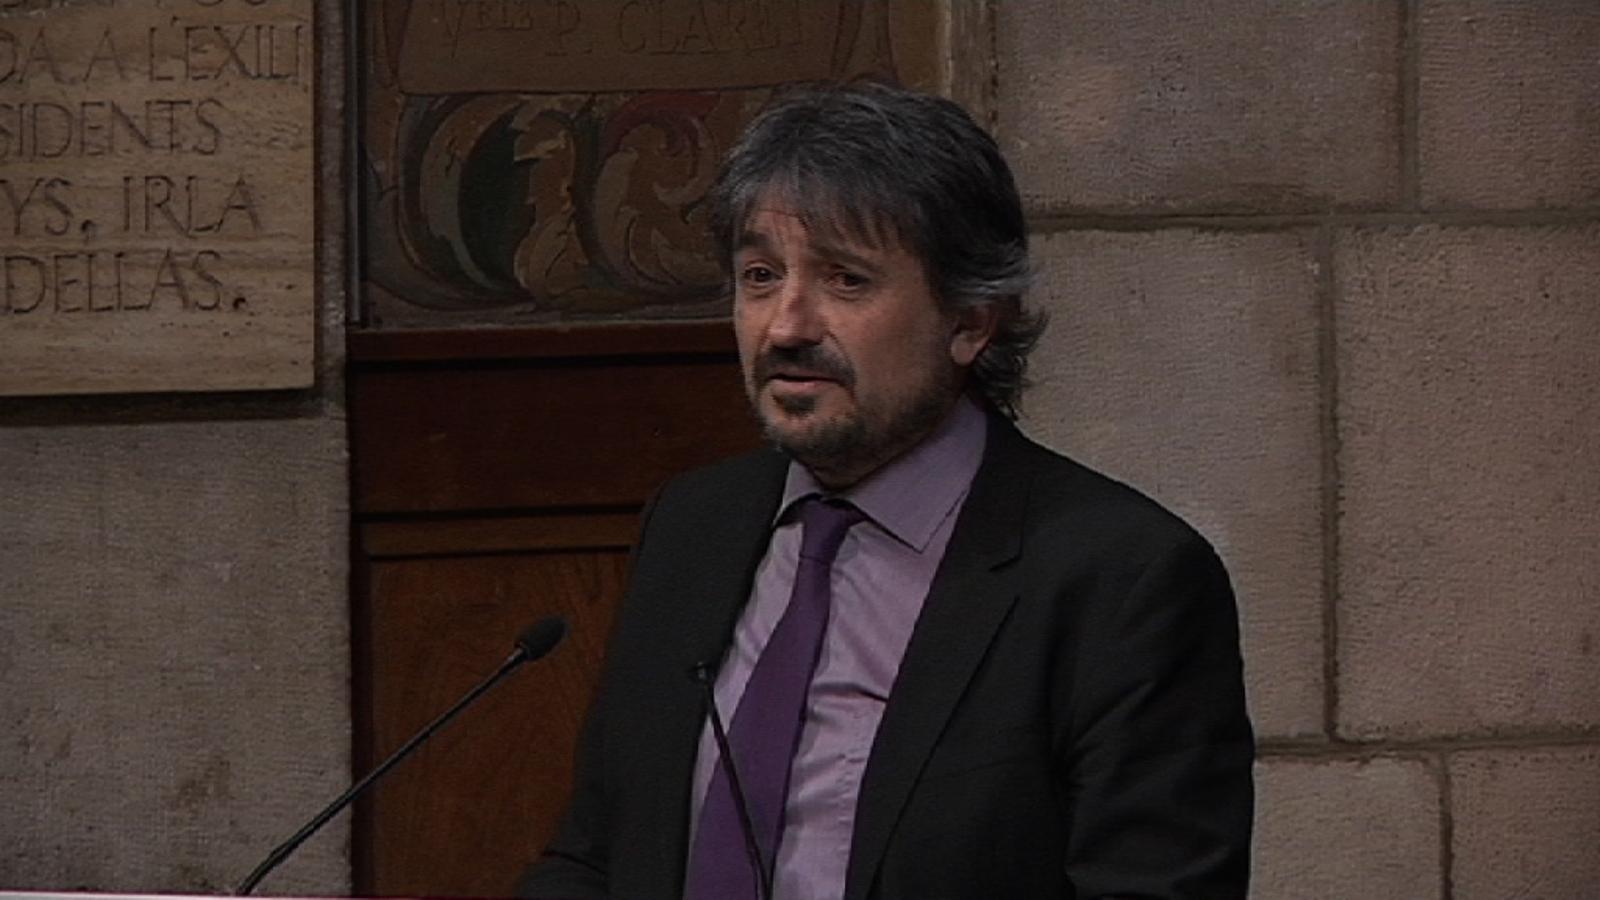 Carles Capdevila, en el lliurament del Premi Nacional: És merescudíssim, la redacció de l'ARA se l'ha guanyat